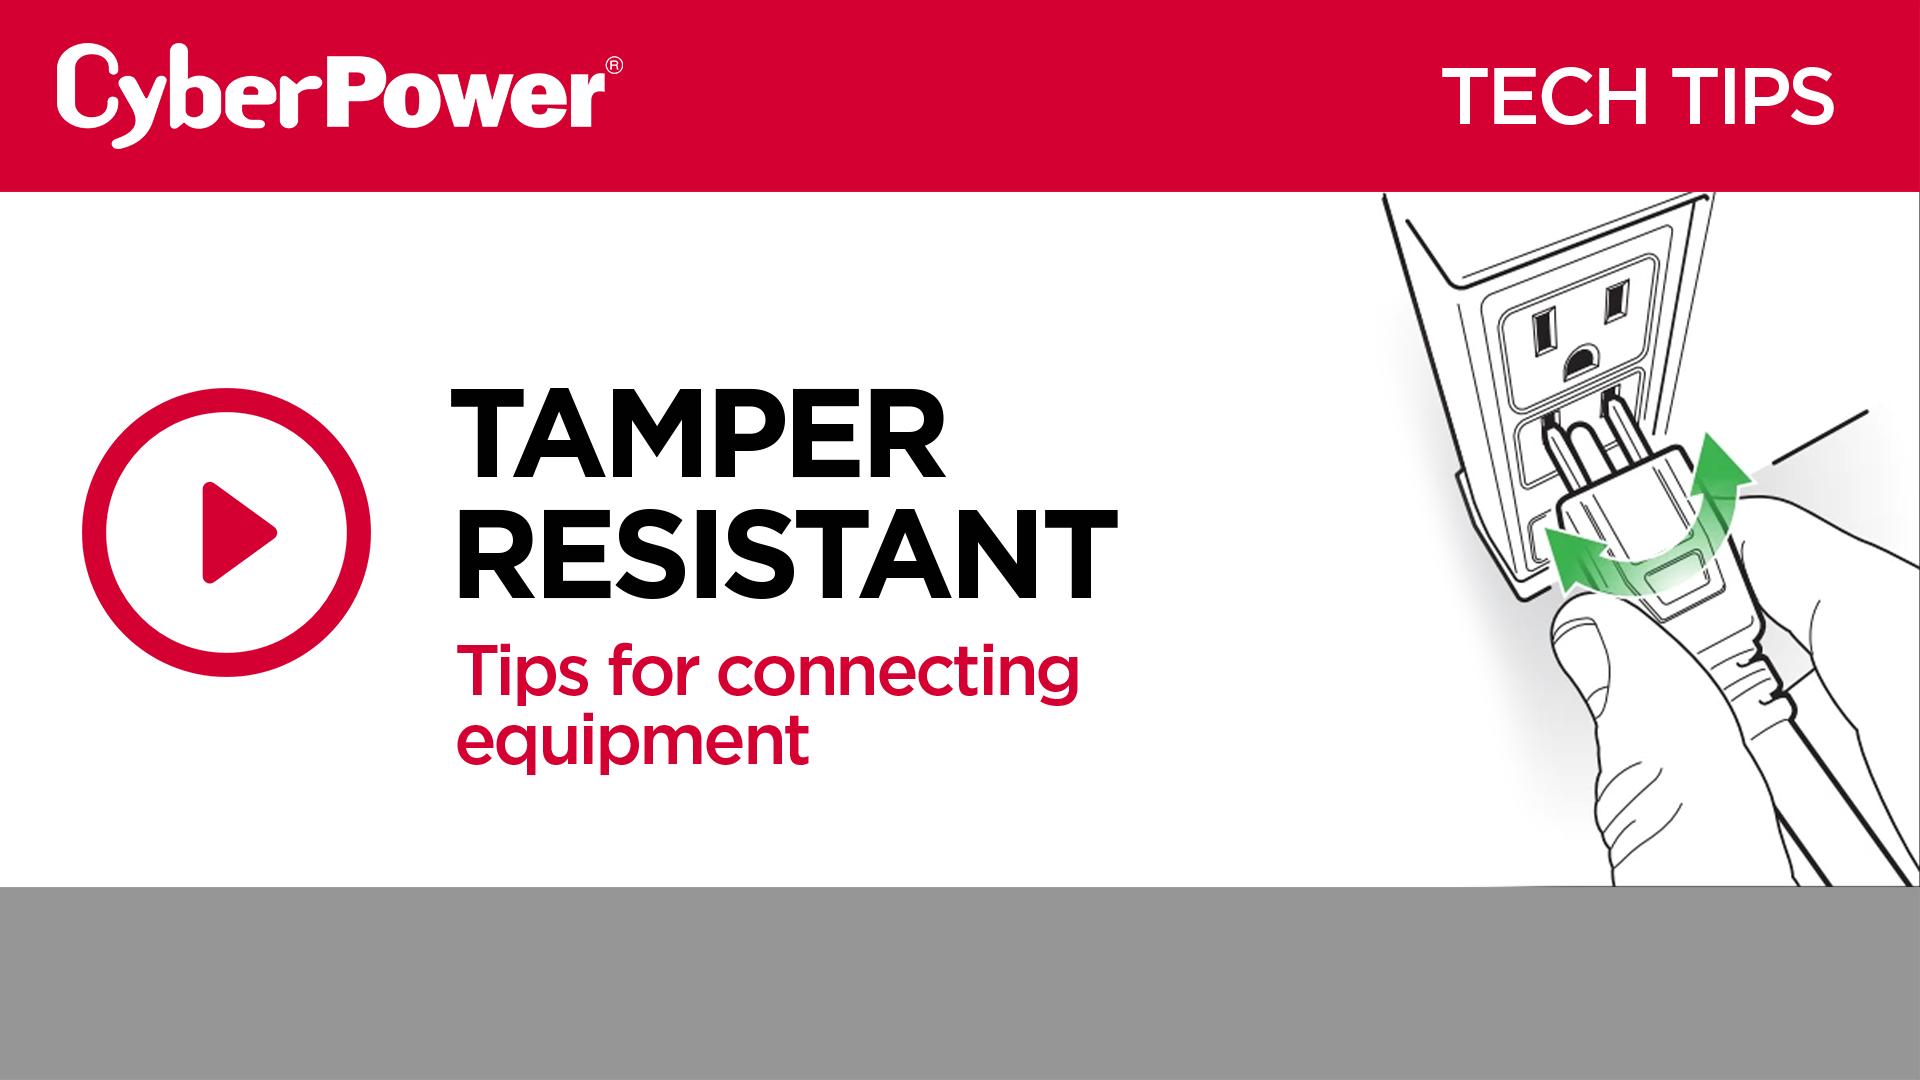 Tamper Resistant Tech Tip